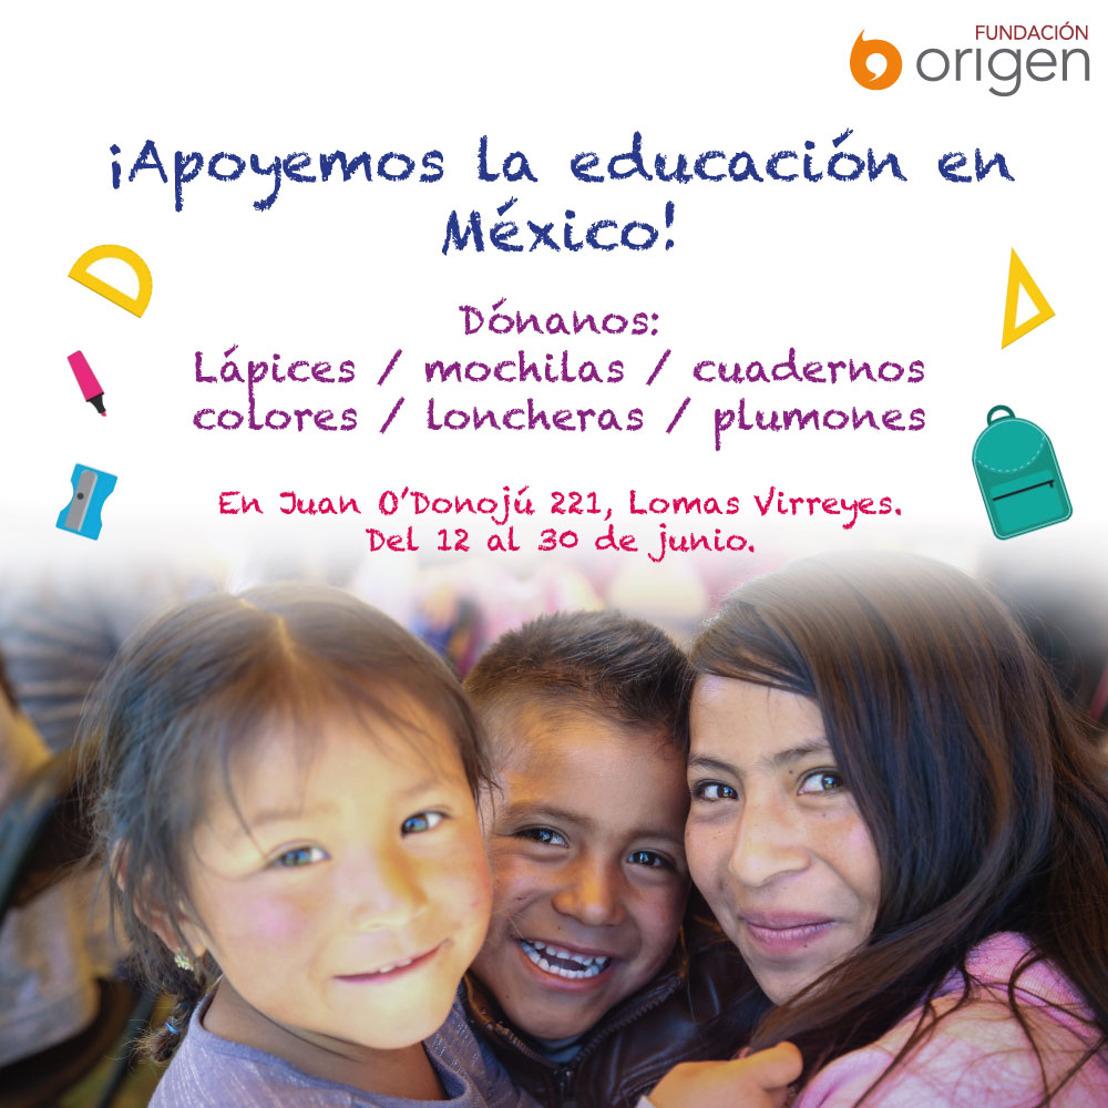 Por una educación digna, Fundación Origen te invita a su colecta anual de útiles escolares